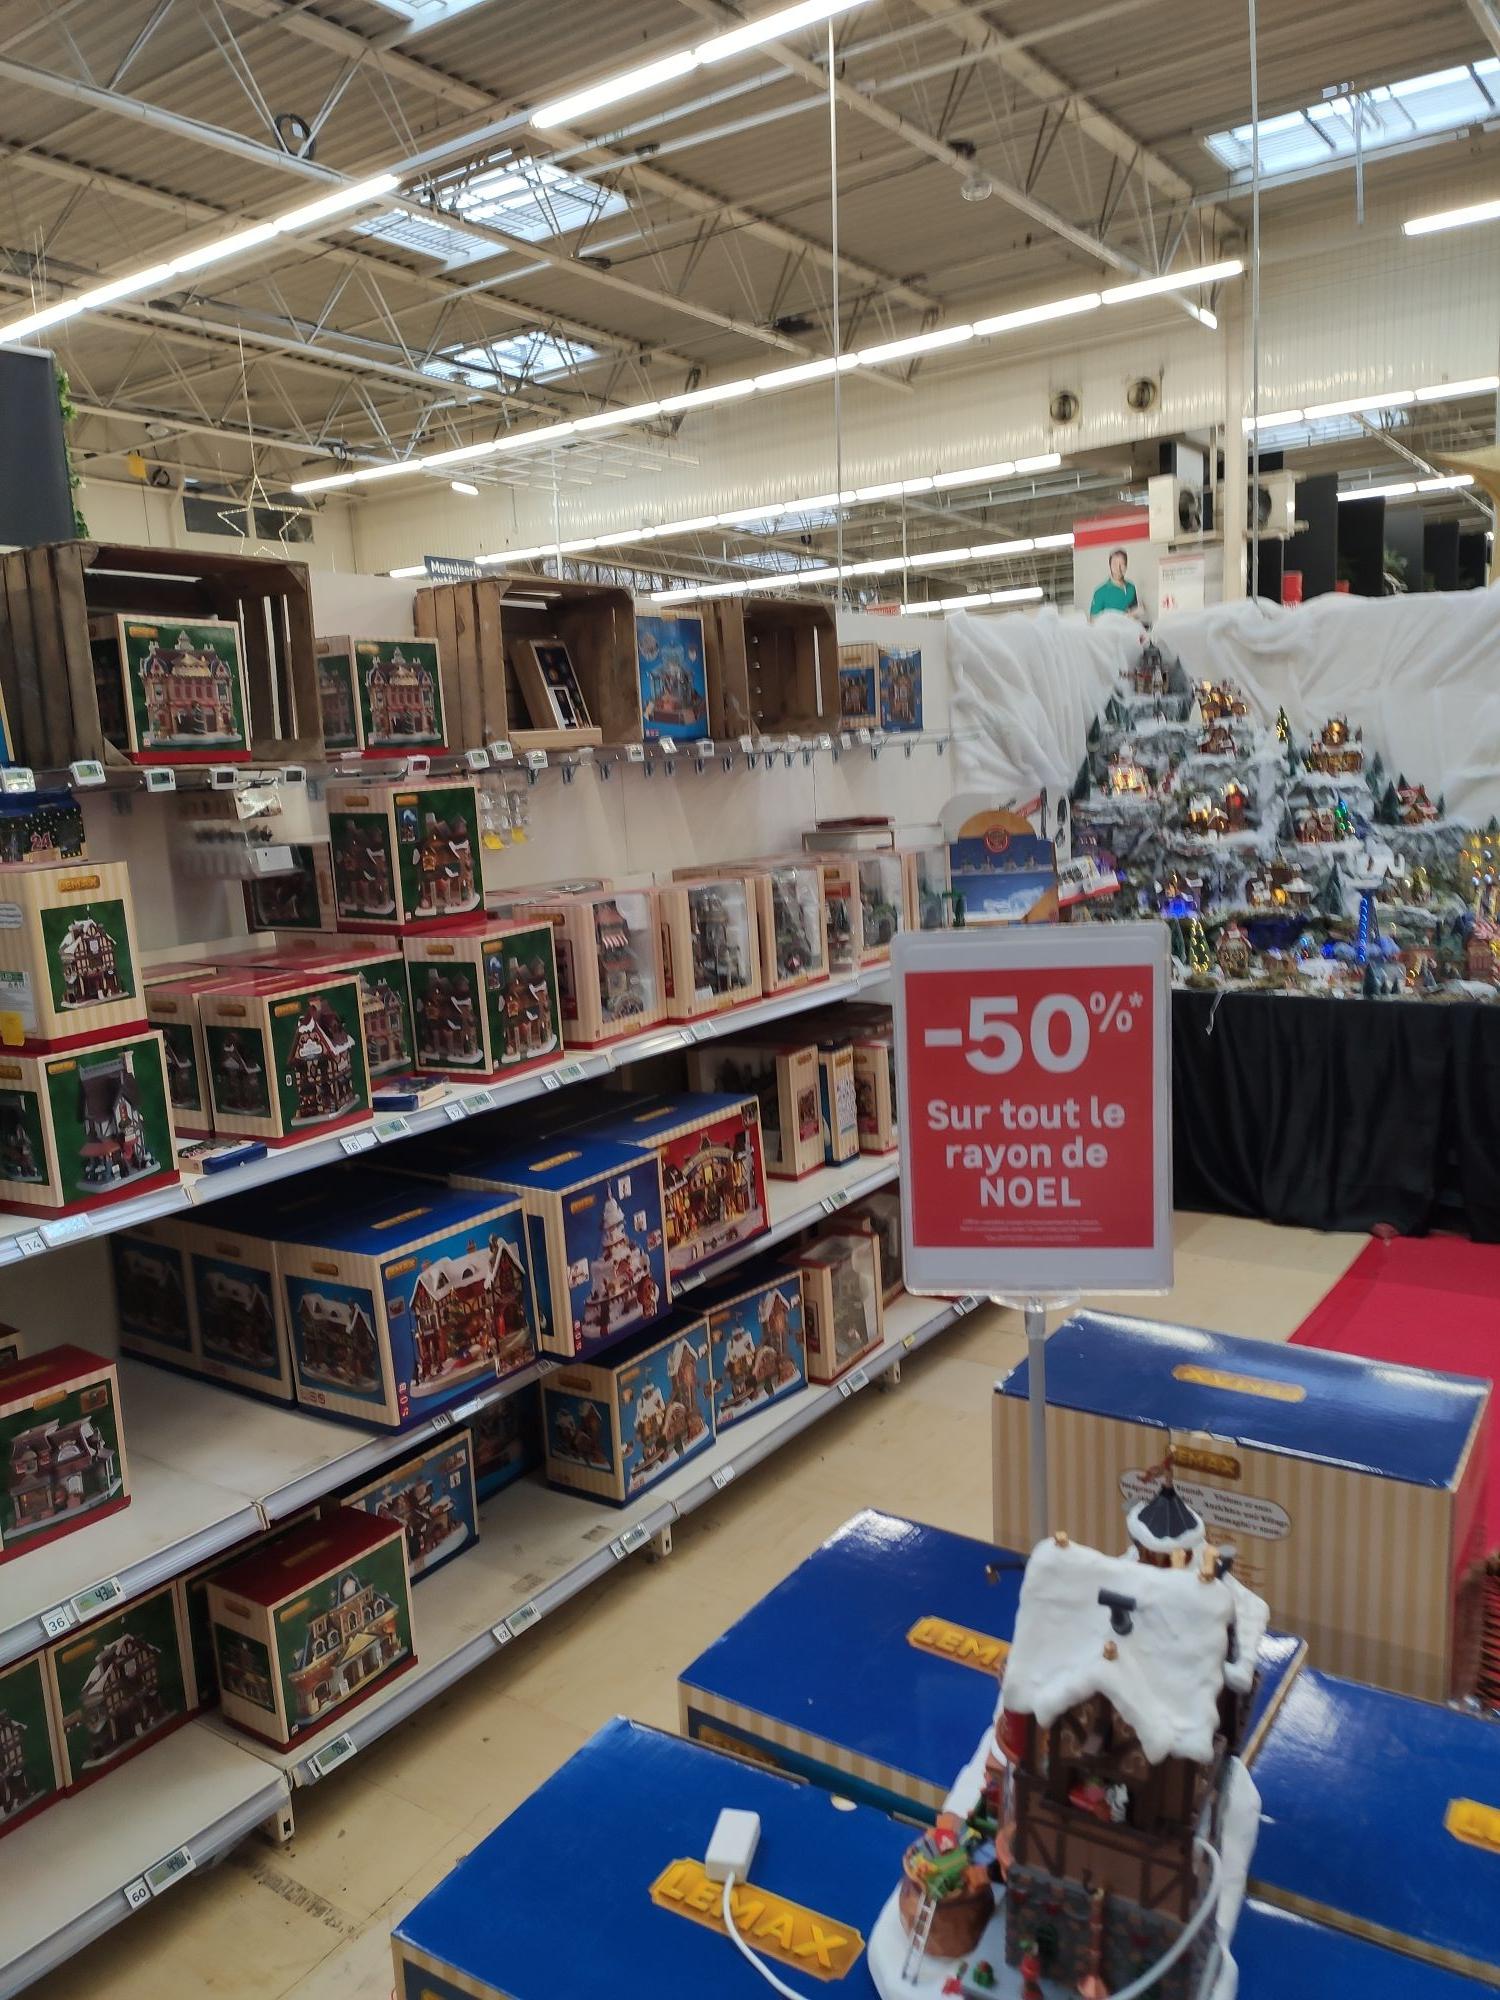 50% de réduction sur tout le Rayon de Noël - Lognes (77)